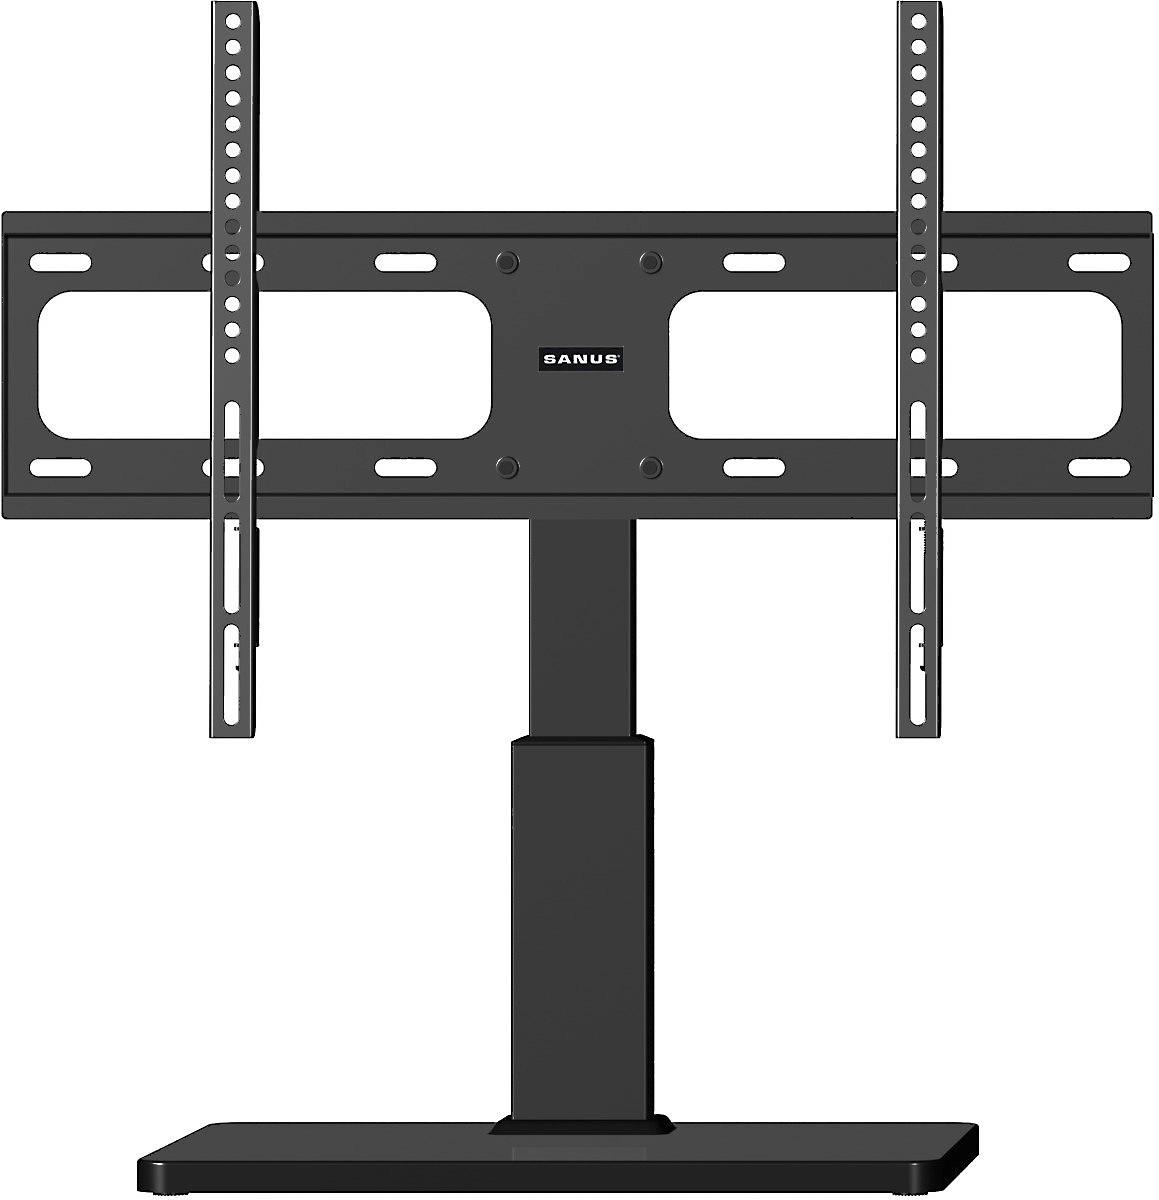 Surround sound on pedestal clipart clip black and white Sanus VSTV1 clip black and white